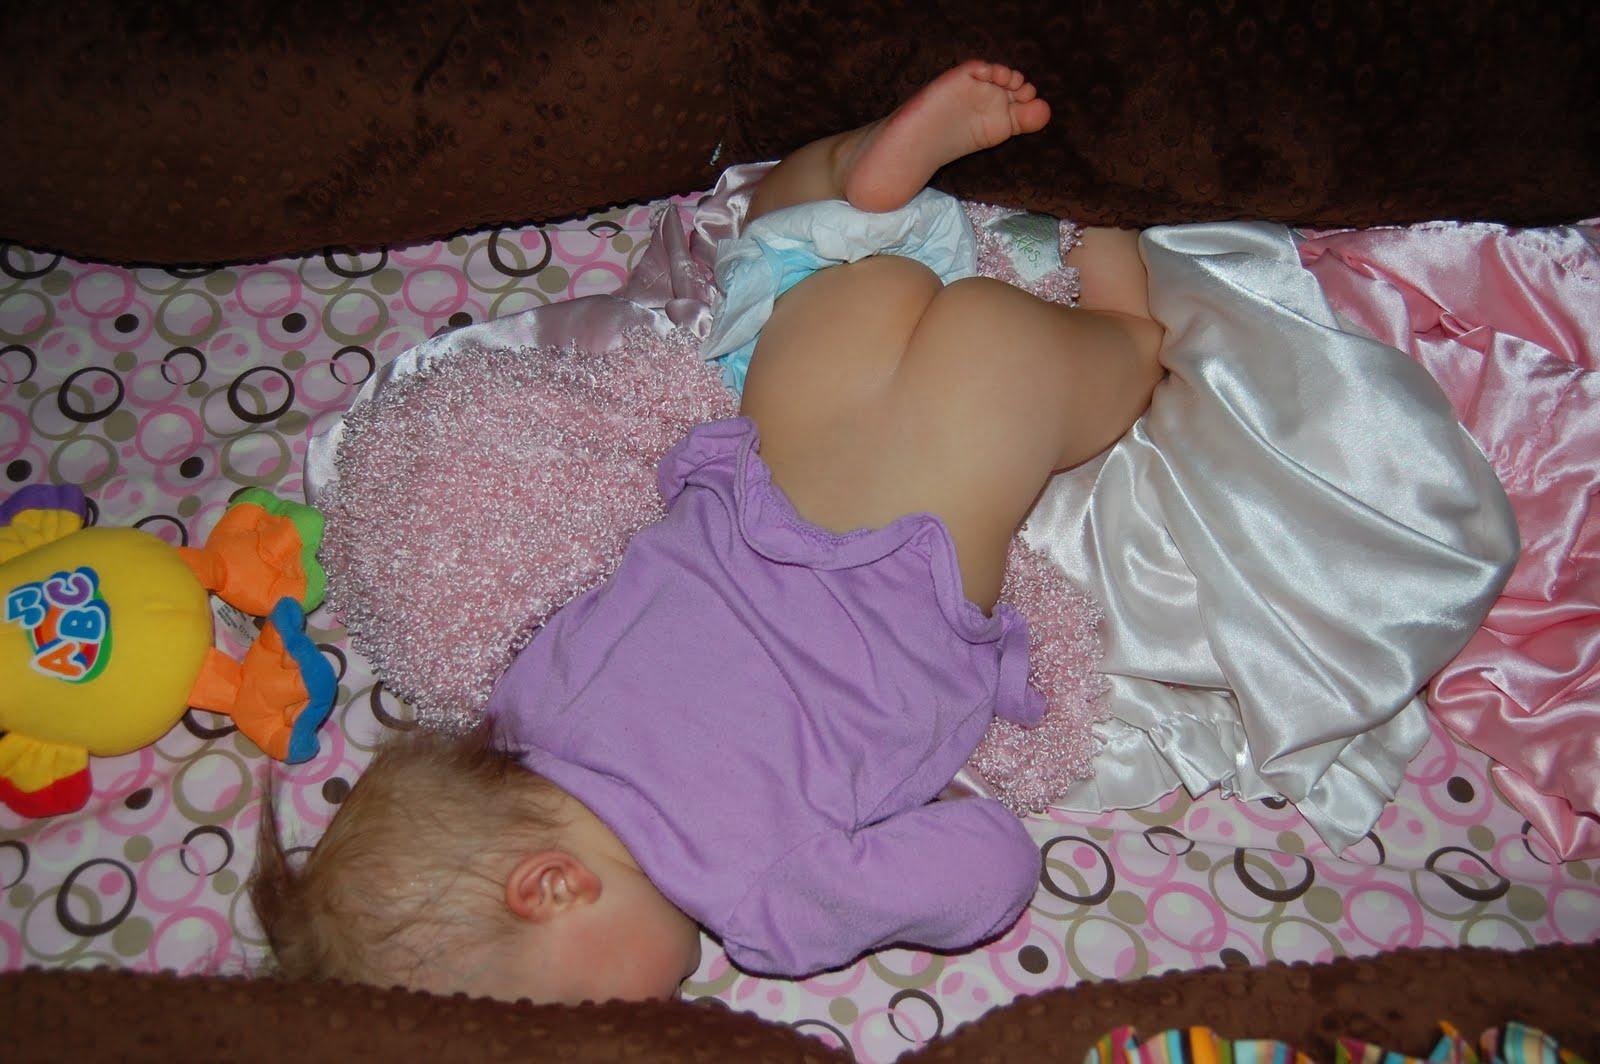 image Trick or diaper girl treat